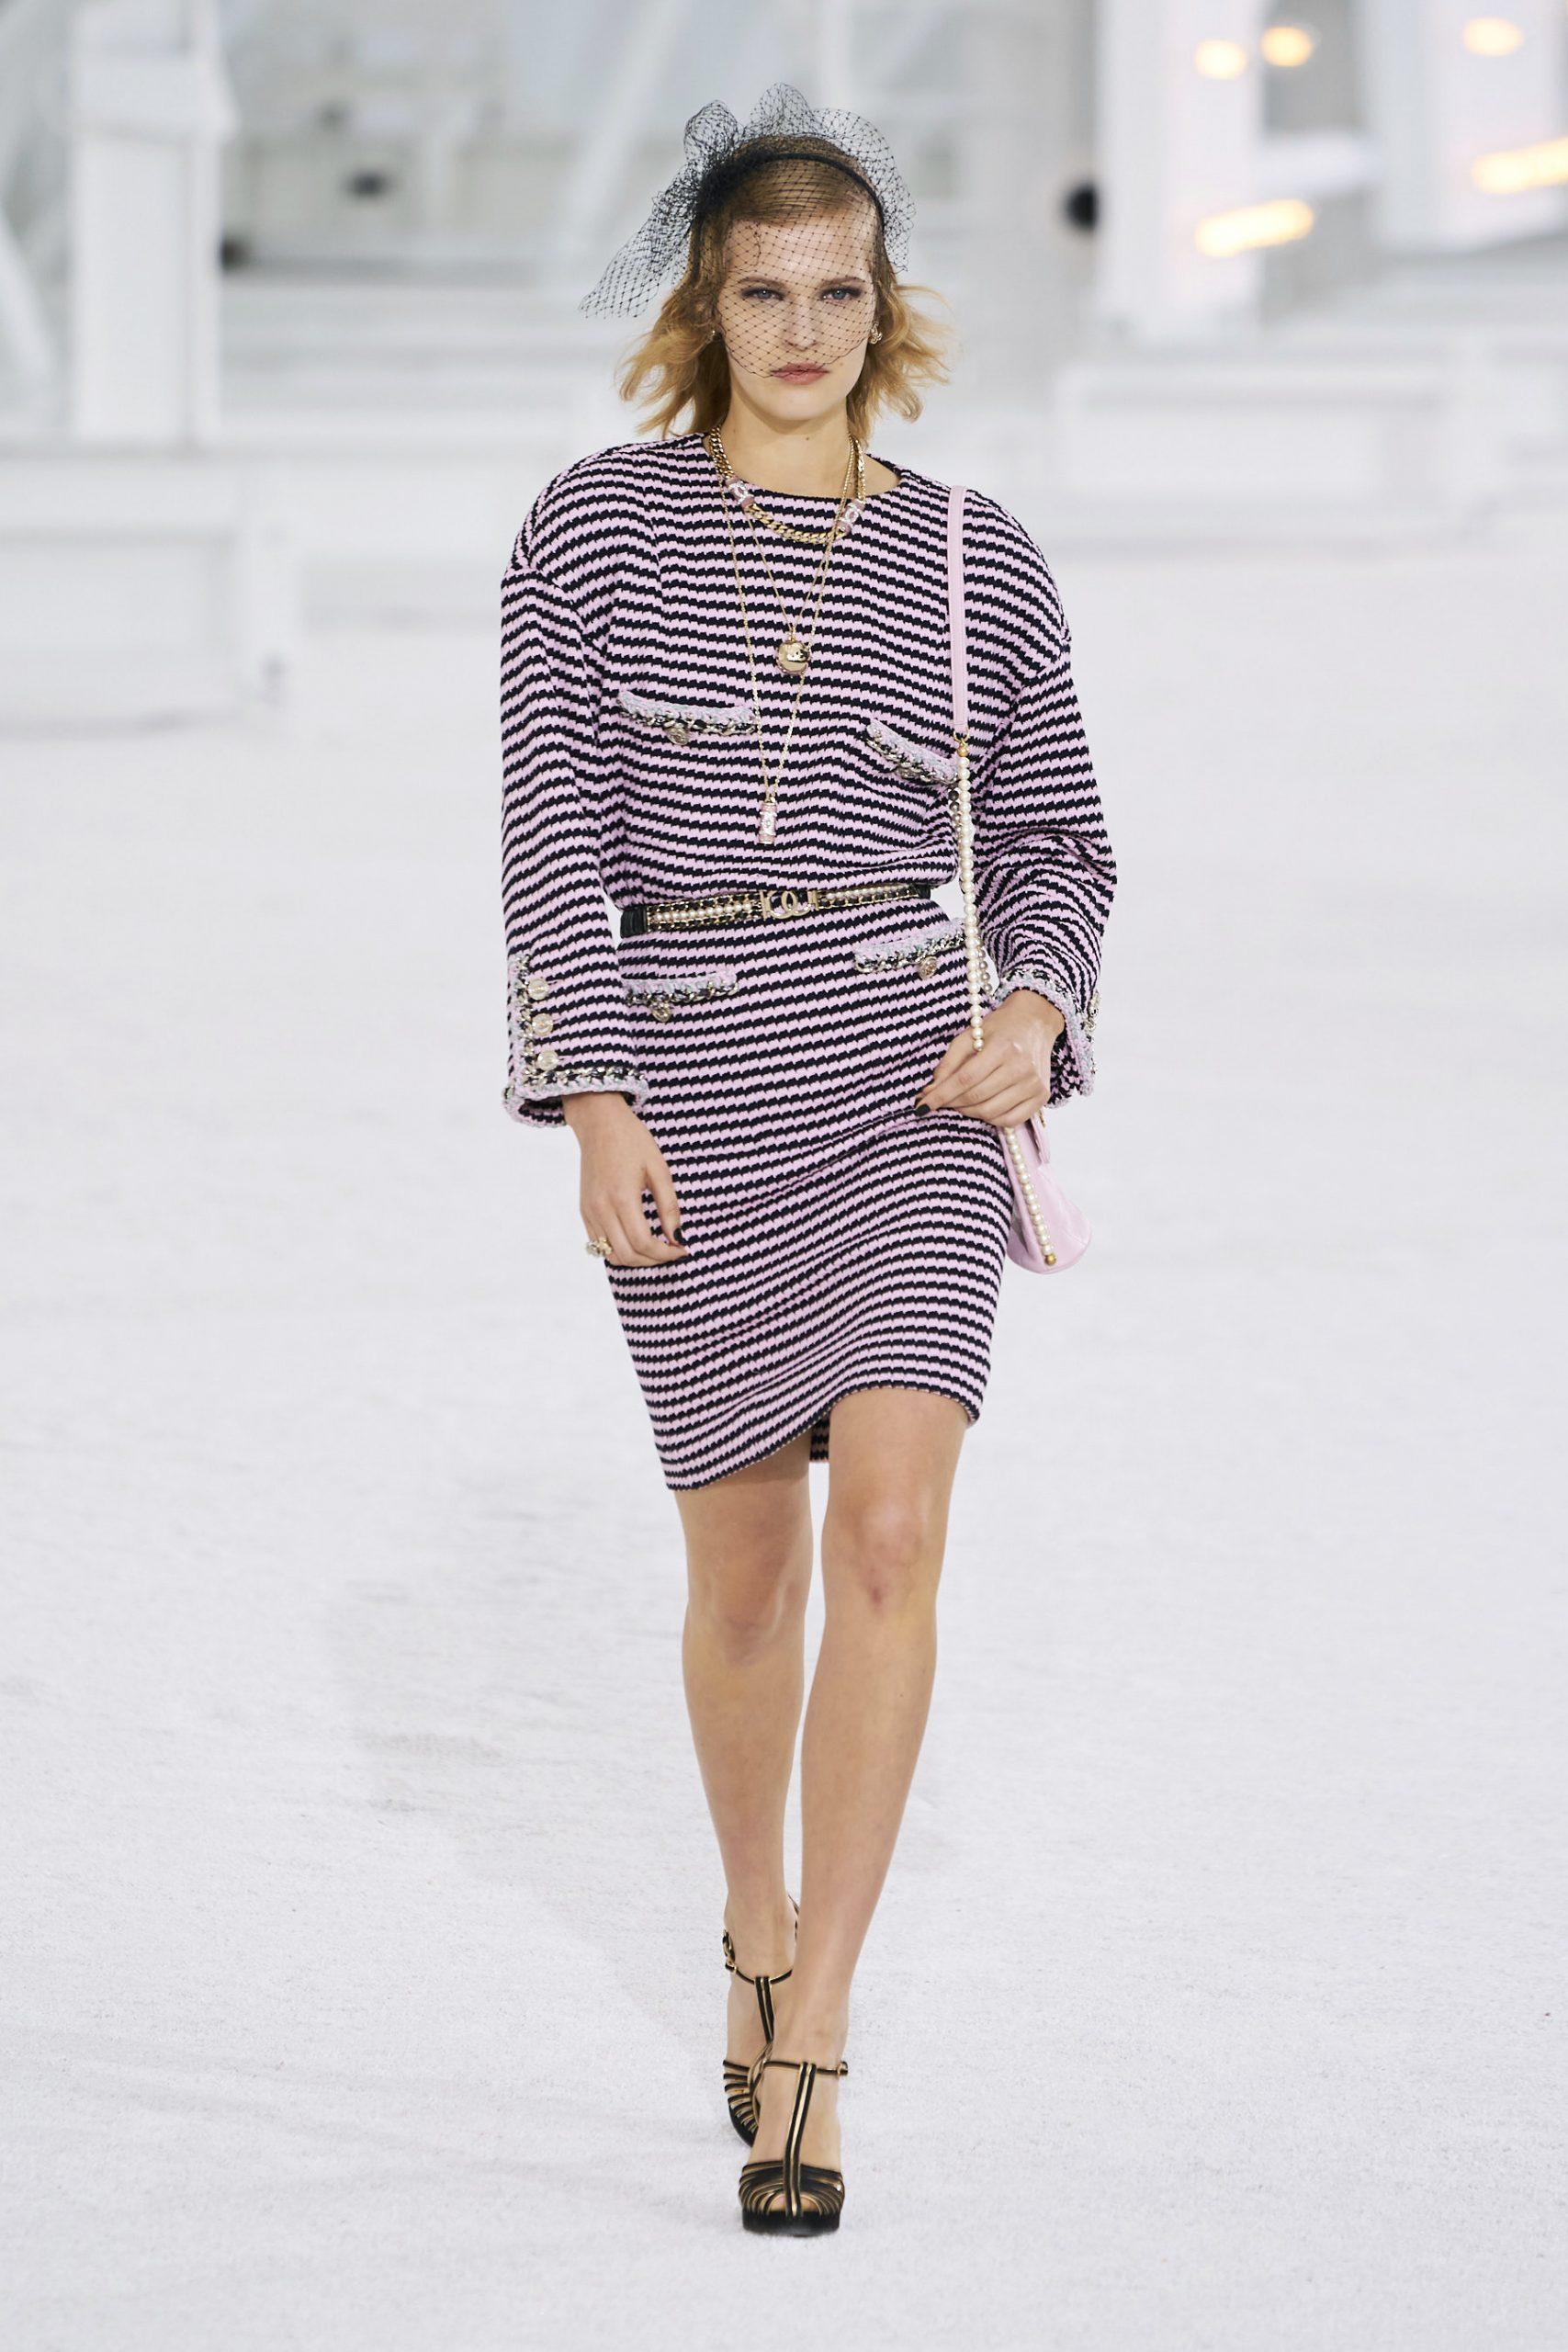 2. kép: Párizsi Divathét - Chanel - 2021 tavasz-nyár - ready to wear